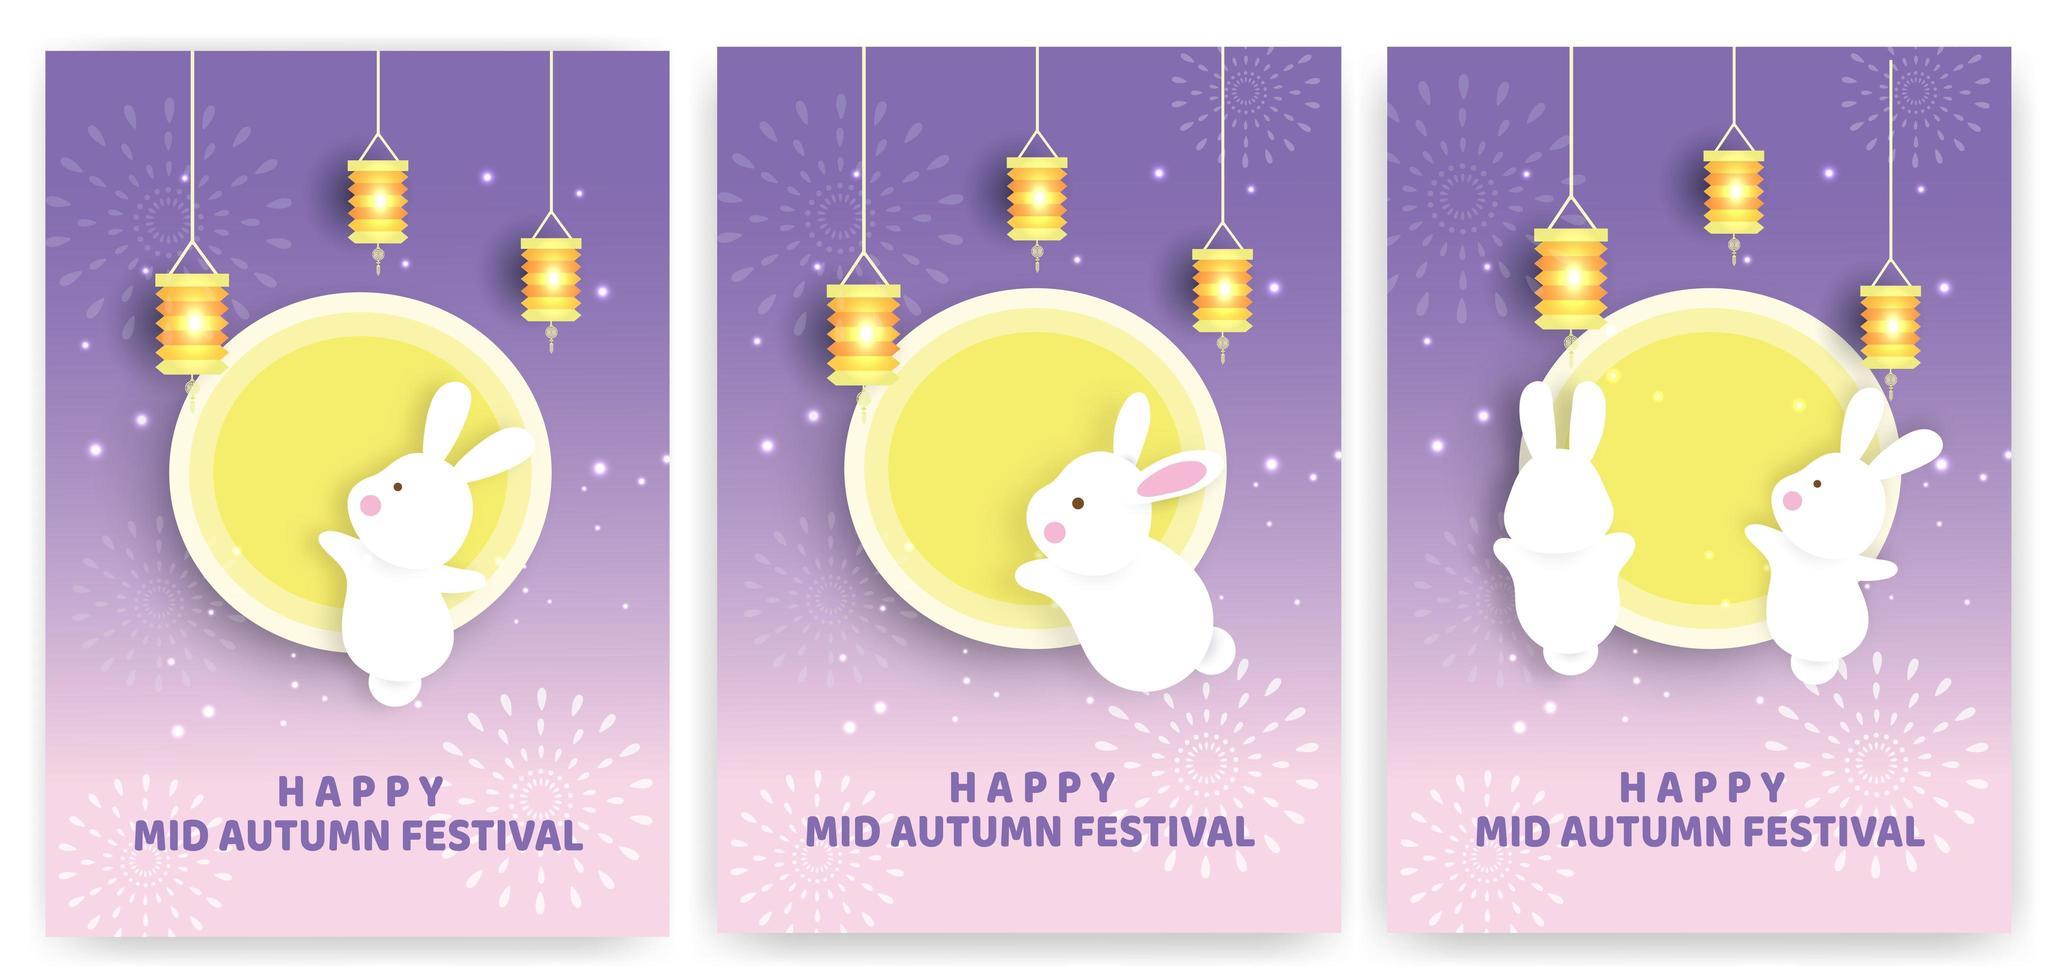 cartão festival de outono com coelhos e lua vetor